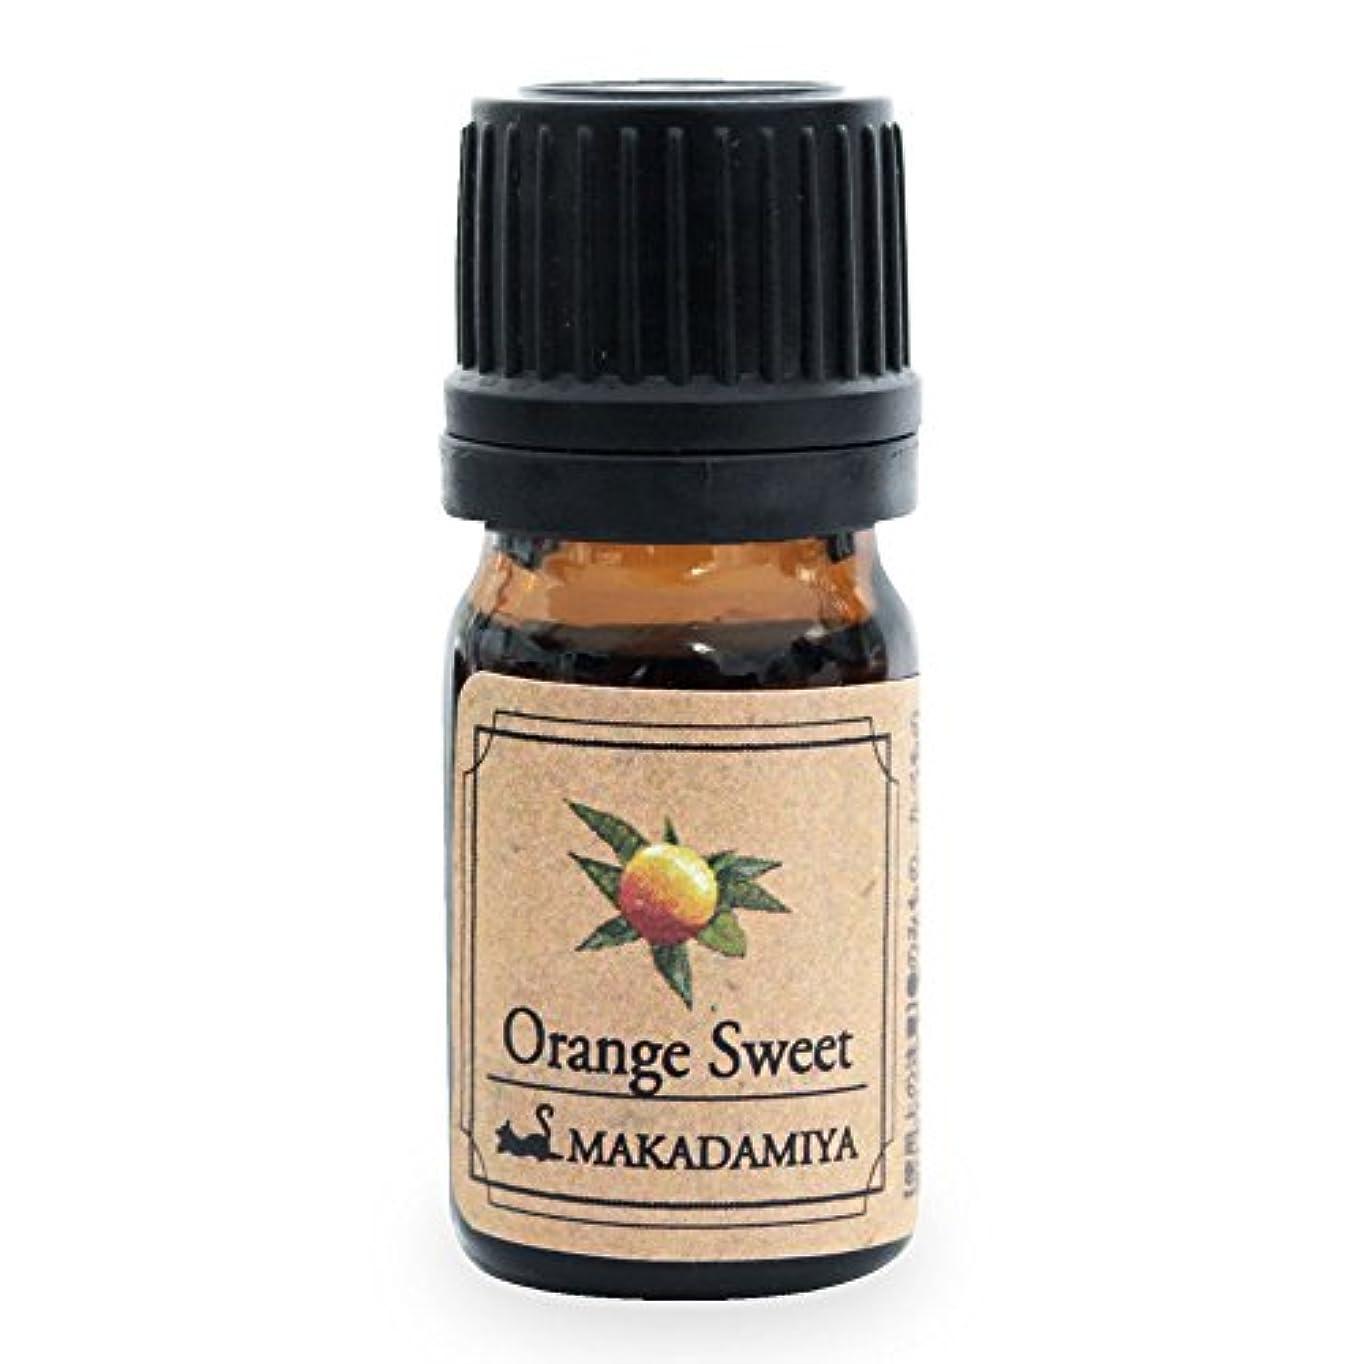 戻るこする雨オレンジ?スイート5ml 天然100%植物性 エッセンシャルオイル(精油) アロマオイル アロママッサージ aroma Orange Sweet